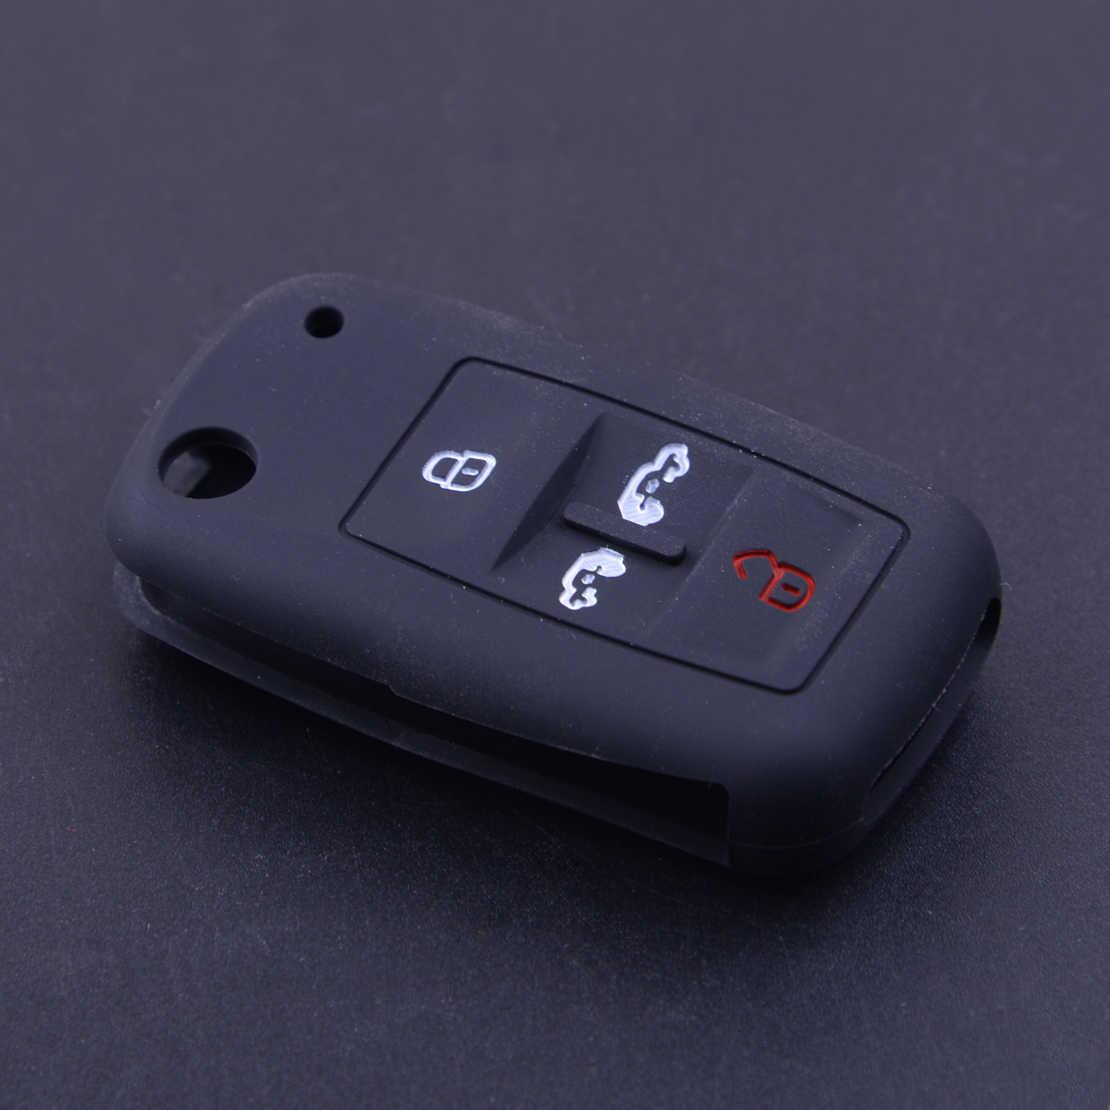 CITALL 4 ボタン車リモコンキーカバーケースフォブプロテクター Vw T5 トランスポーターマルチバンキャディー Alhambra シャランカラベル